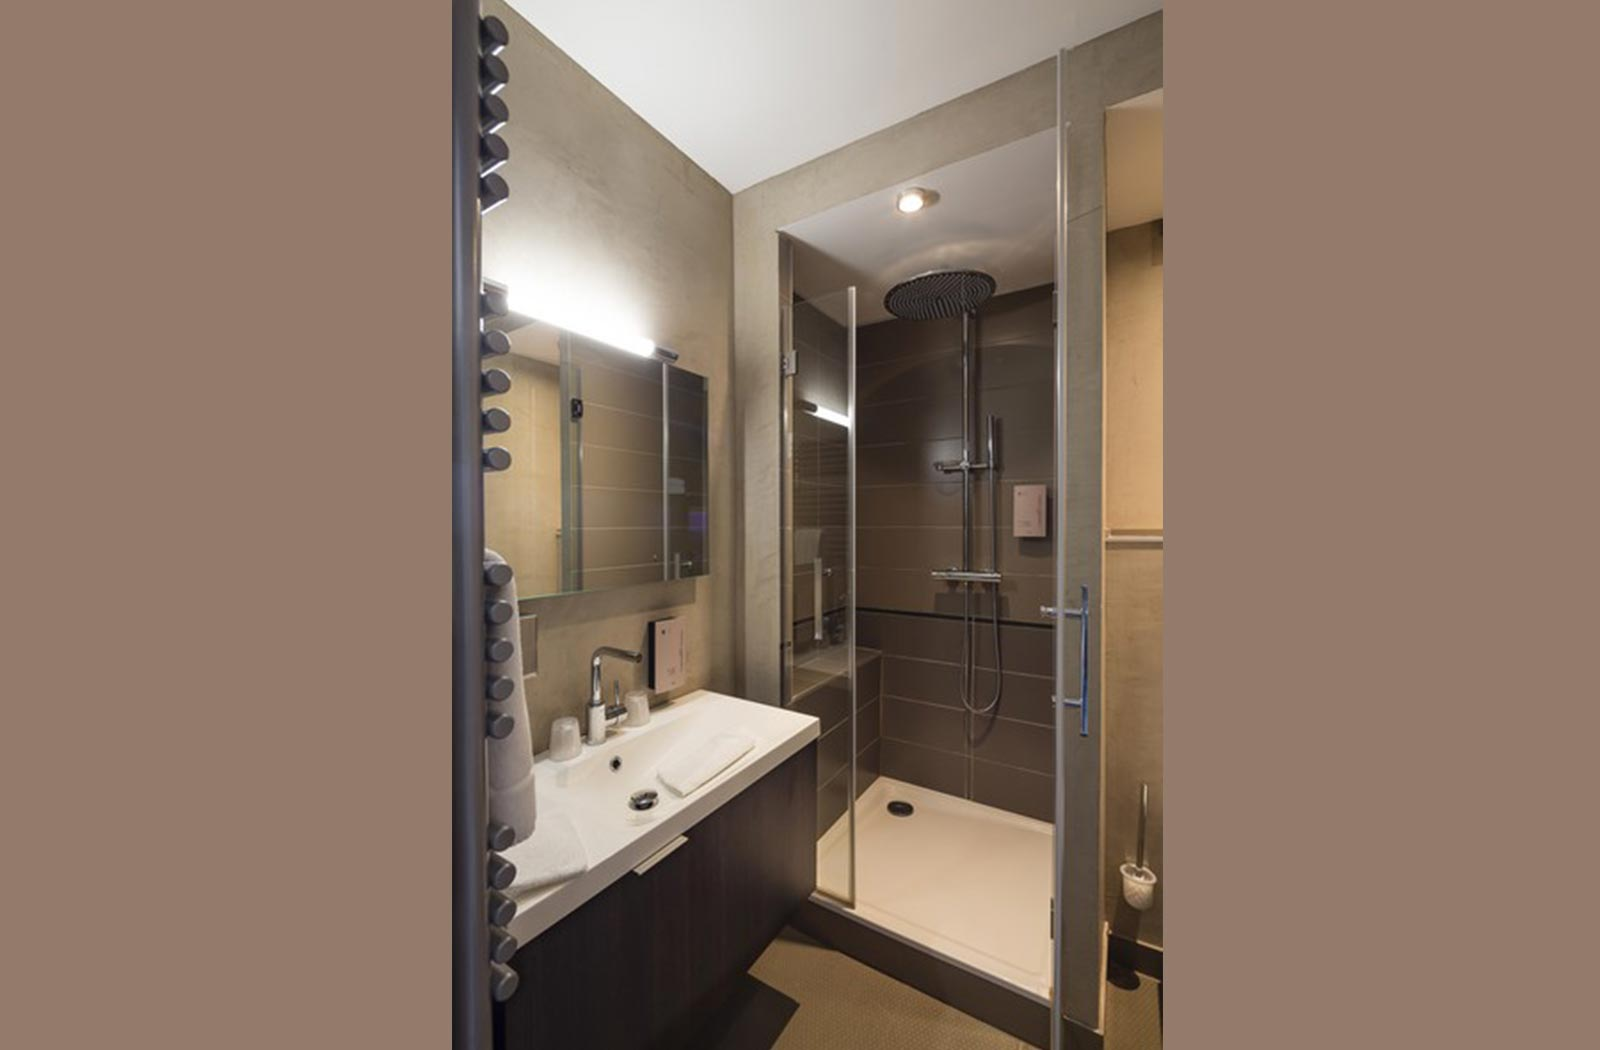 Salle de bain - Chambre harmonie hôtel 4 étoiles La montagne ...